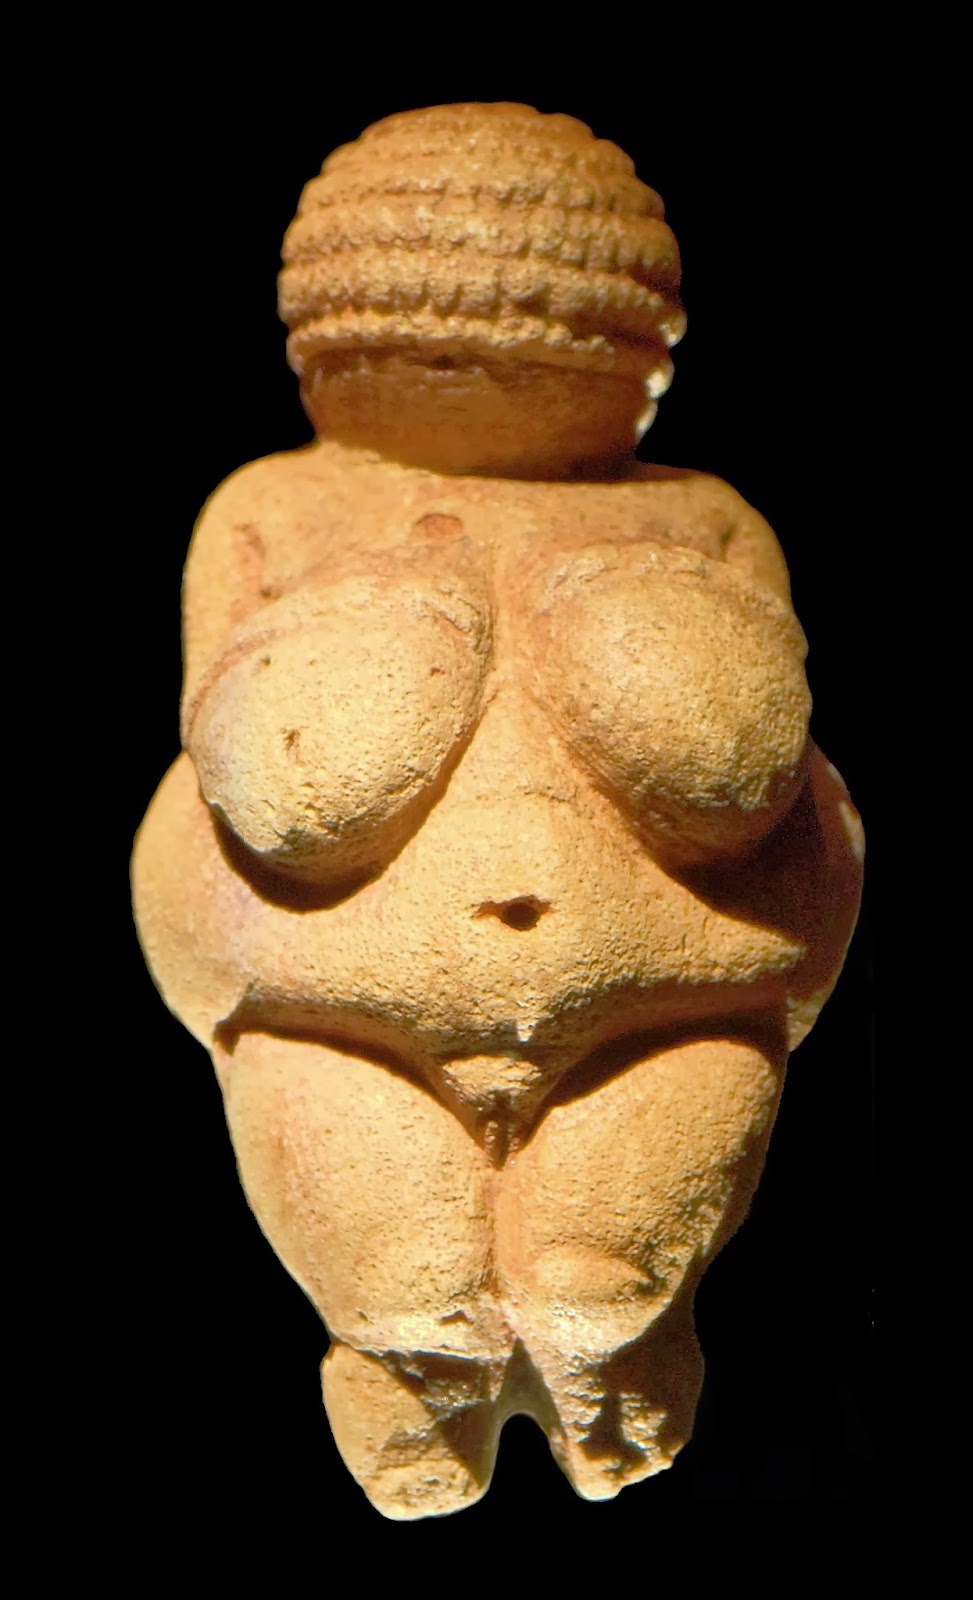 http://3.bp.blogspot.com/-N3acEnN6JIA/Us8tASYjldI/AAAAAAAABEw/OXb_Oxmrq5k/s1600/Venus_of_Willendorf_frontview_retouched_2.jpg